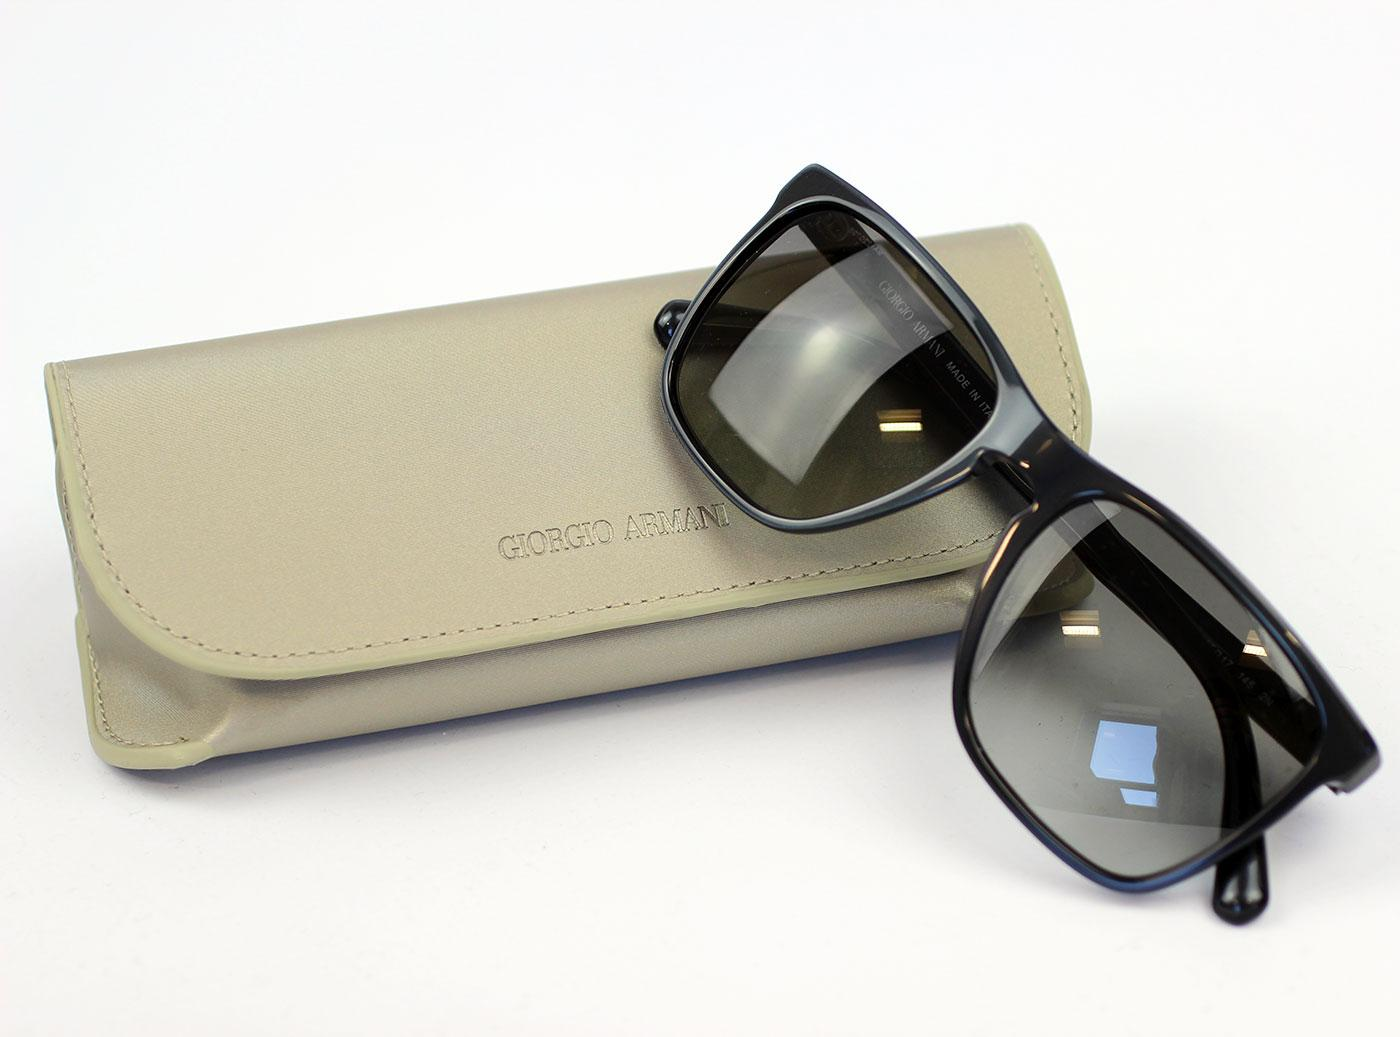 bc963742d Giorgio Armani Retro Mod Square Sunglasses Wayfarers in Grey